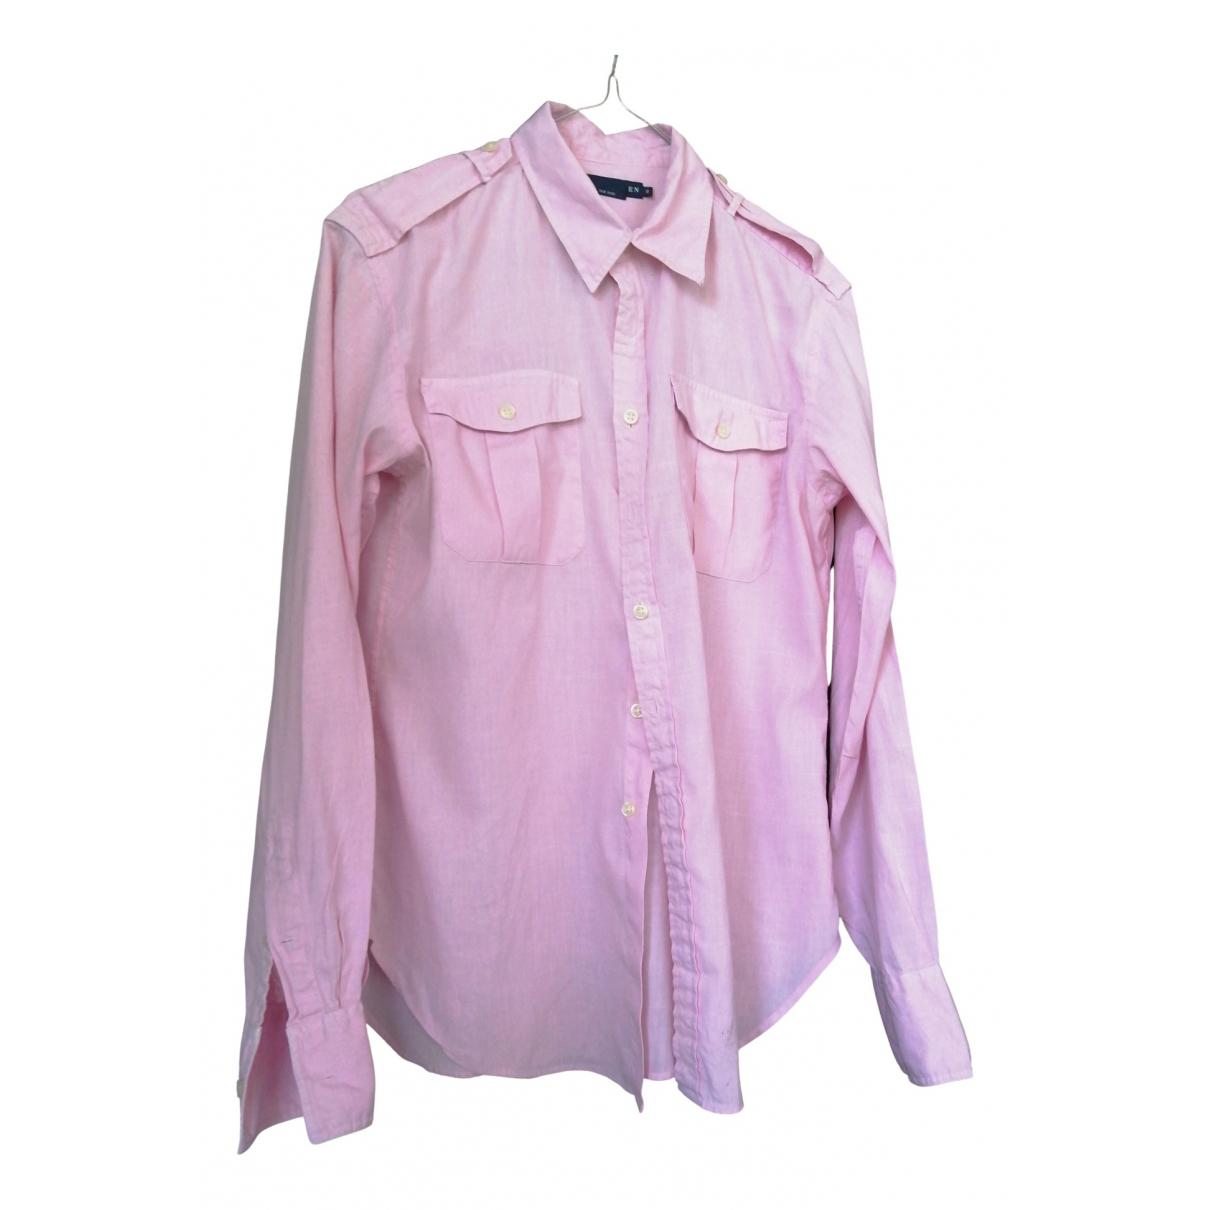 Ralph Lauren N Pink Linen  top for Women 8 US